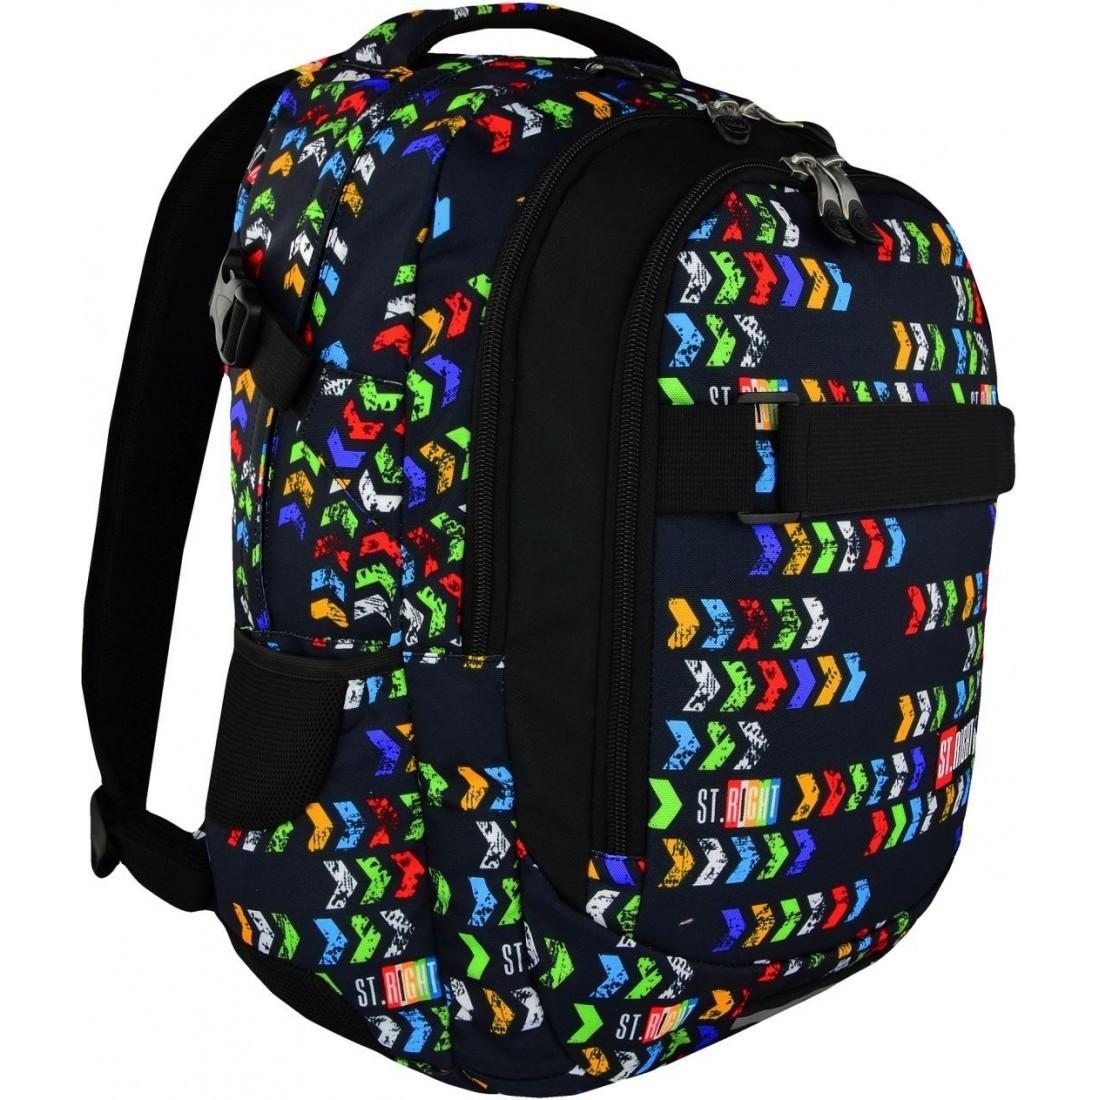 c245e44a93192 Plecak o dużych rozmiarach, stworzony dla młodzieży od dwunastego roku  życia - ST.RIGHT ST.ARROWS kolorowe strzałki BP34 – to wyjątkowa propozycja  plecaka ...